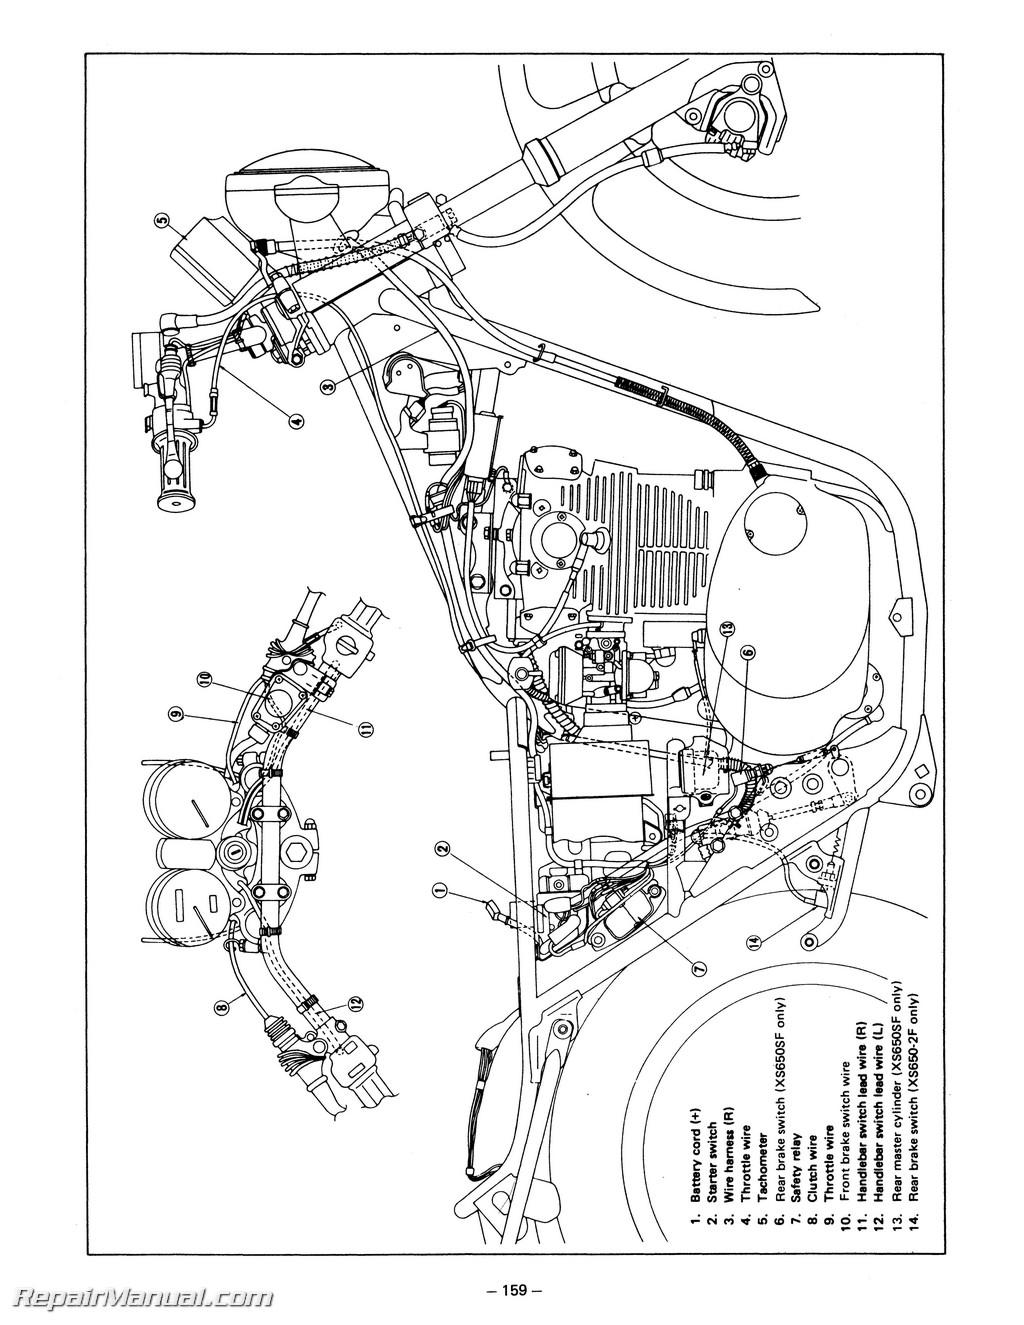 1981 Yamaha Xs650 Parts Diagram